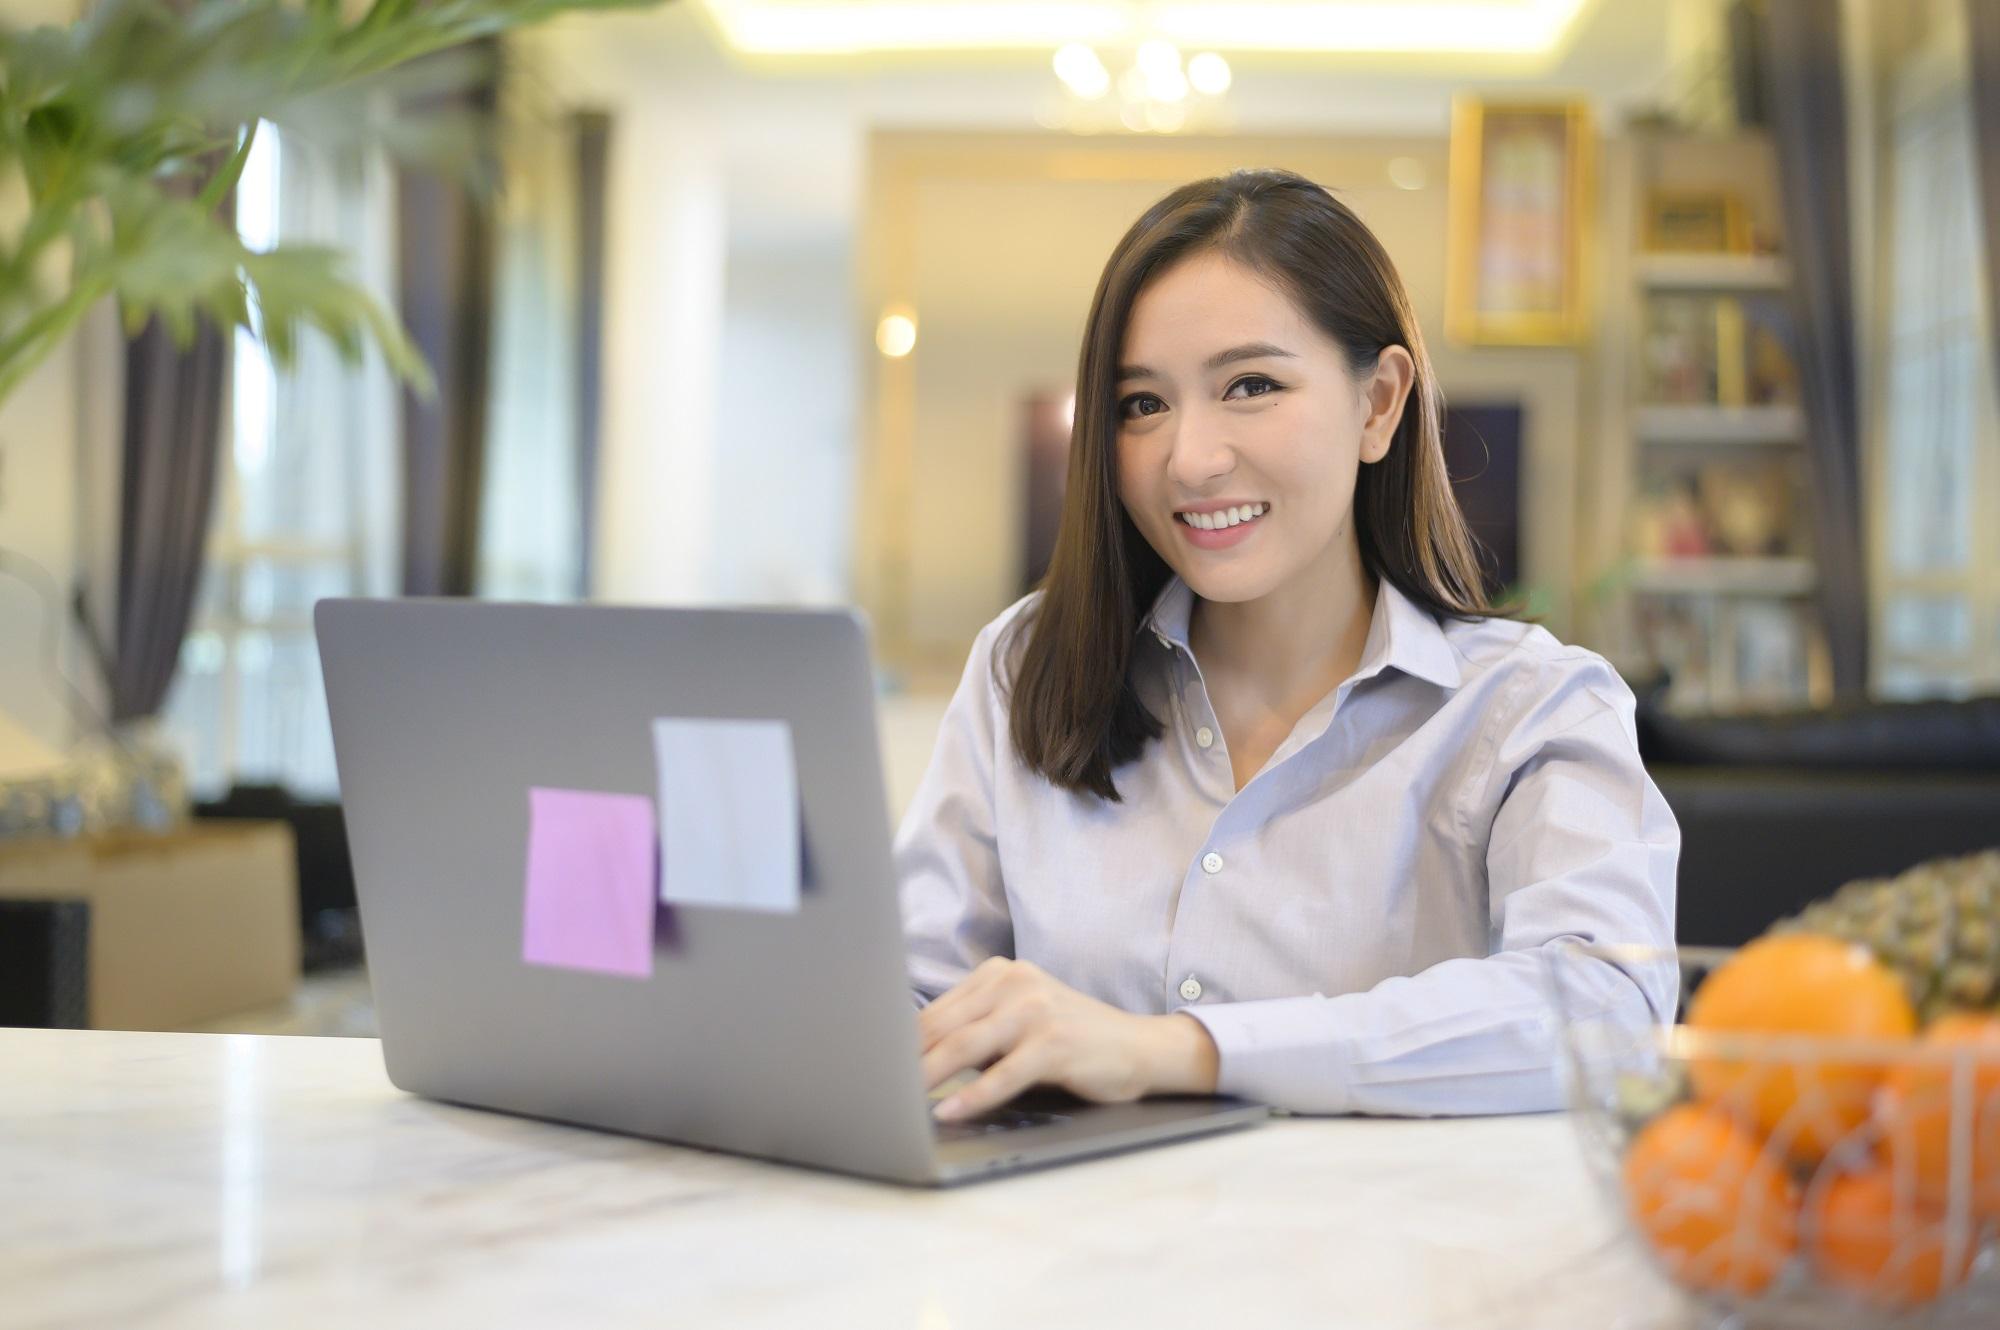 Como criar uma relação de confiança e produtividade com o cliente?